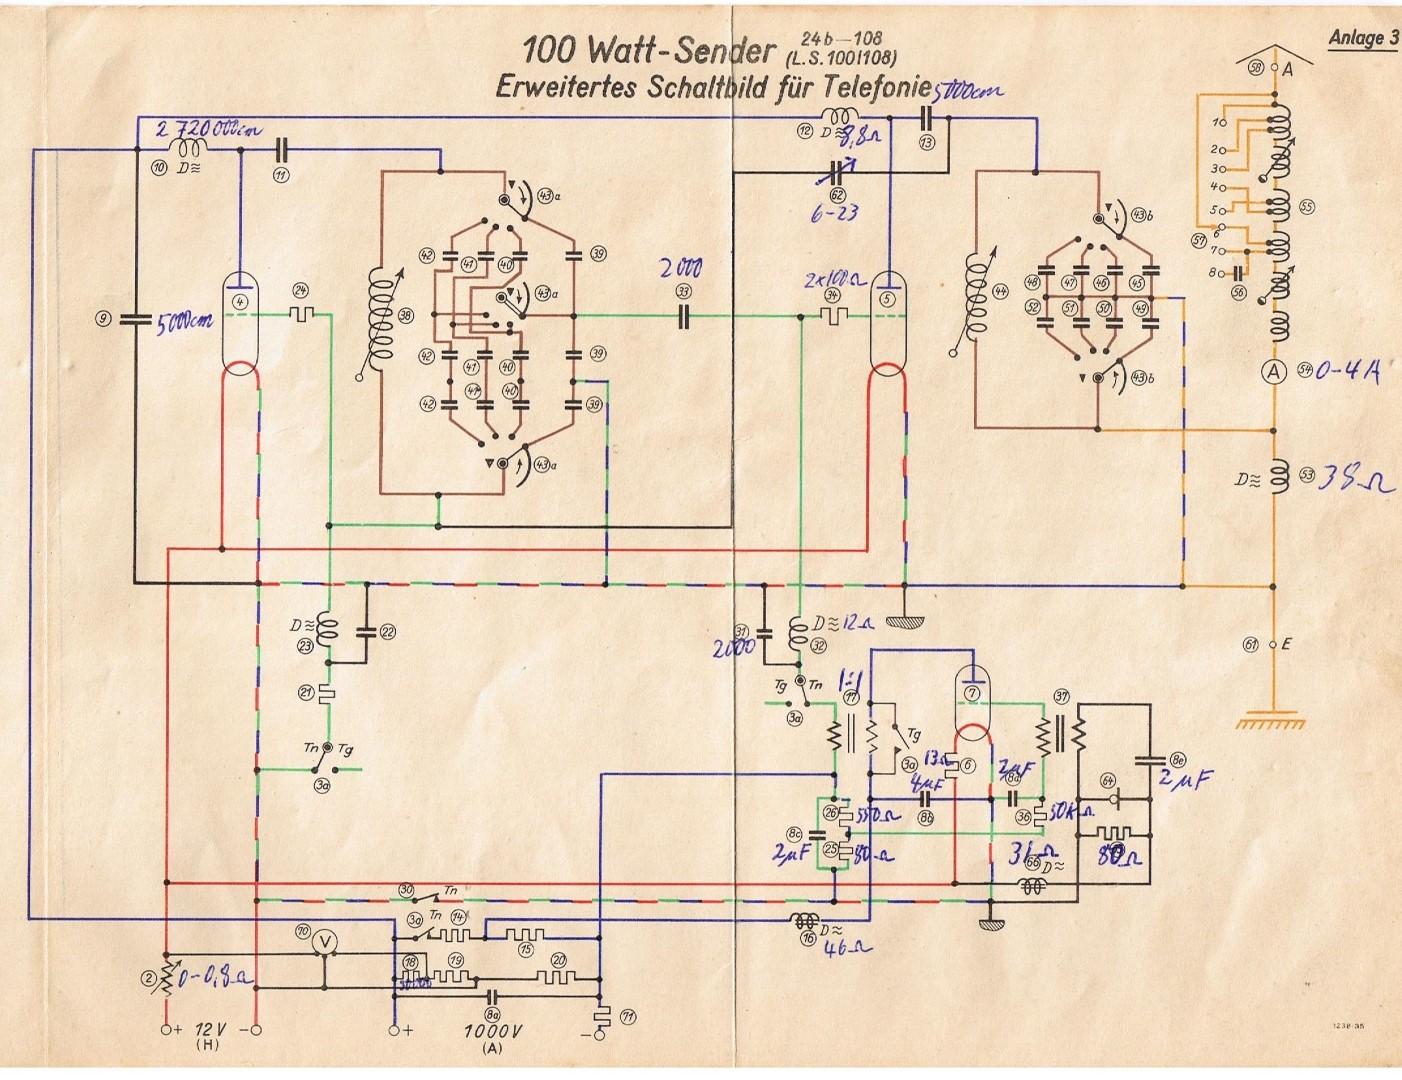 Funktechnik (Drahtlose Nachrichtentechnik) - Die Nachrichtentruppe